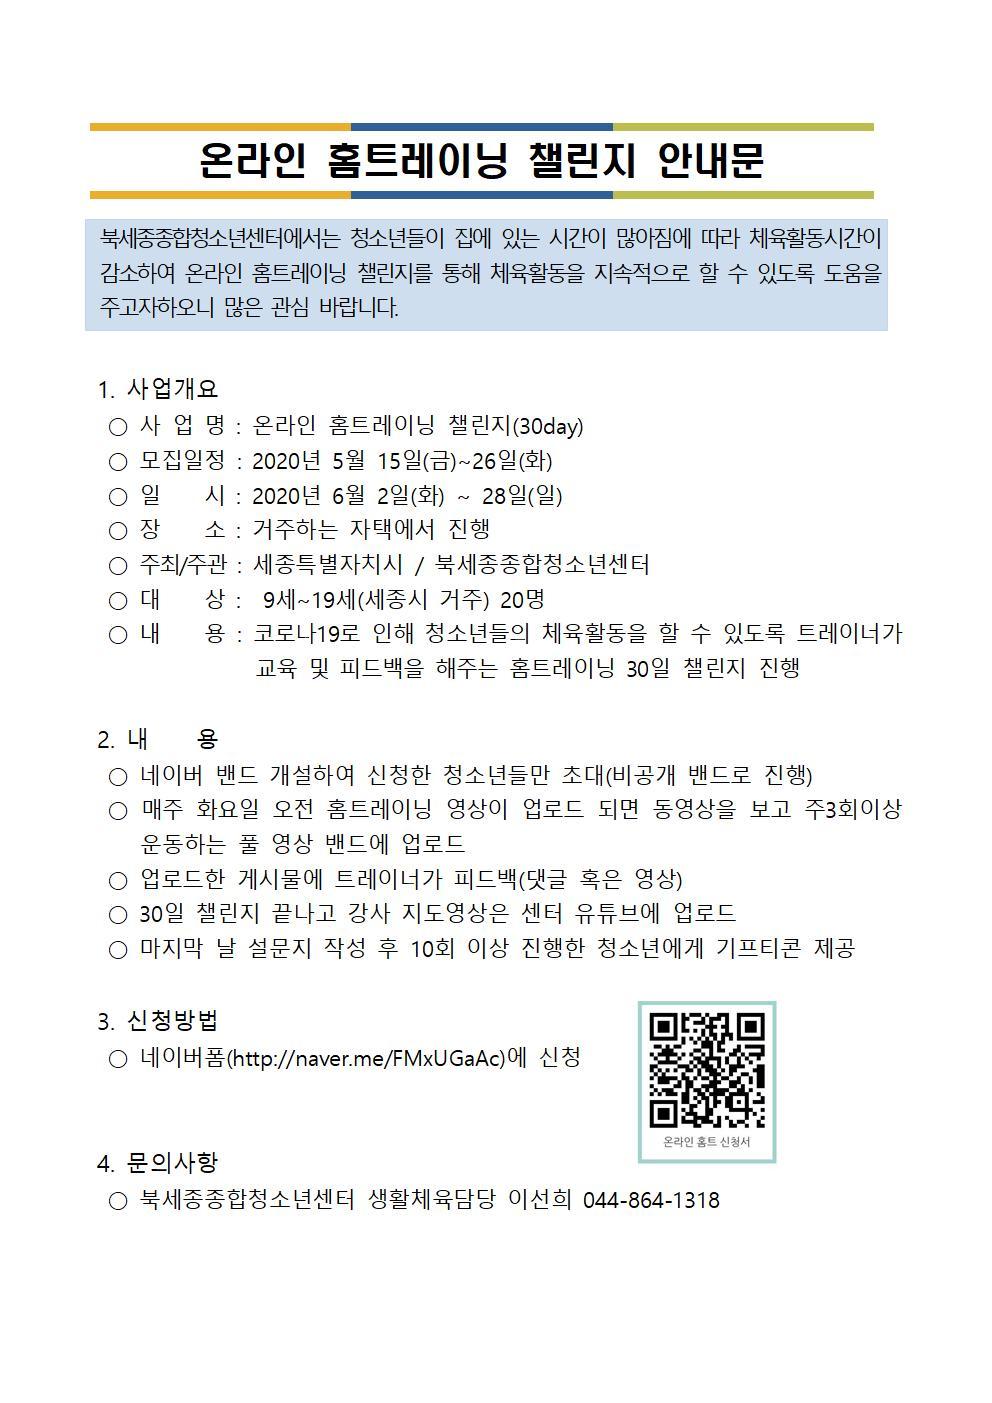 온라인 홈트레이닝 챌린지 안내문 - 스포츠클럽001.jpg